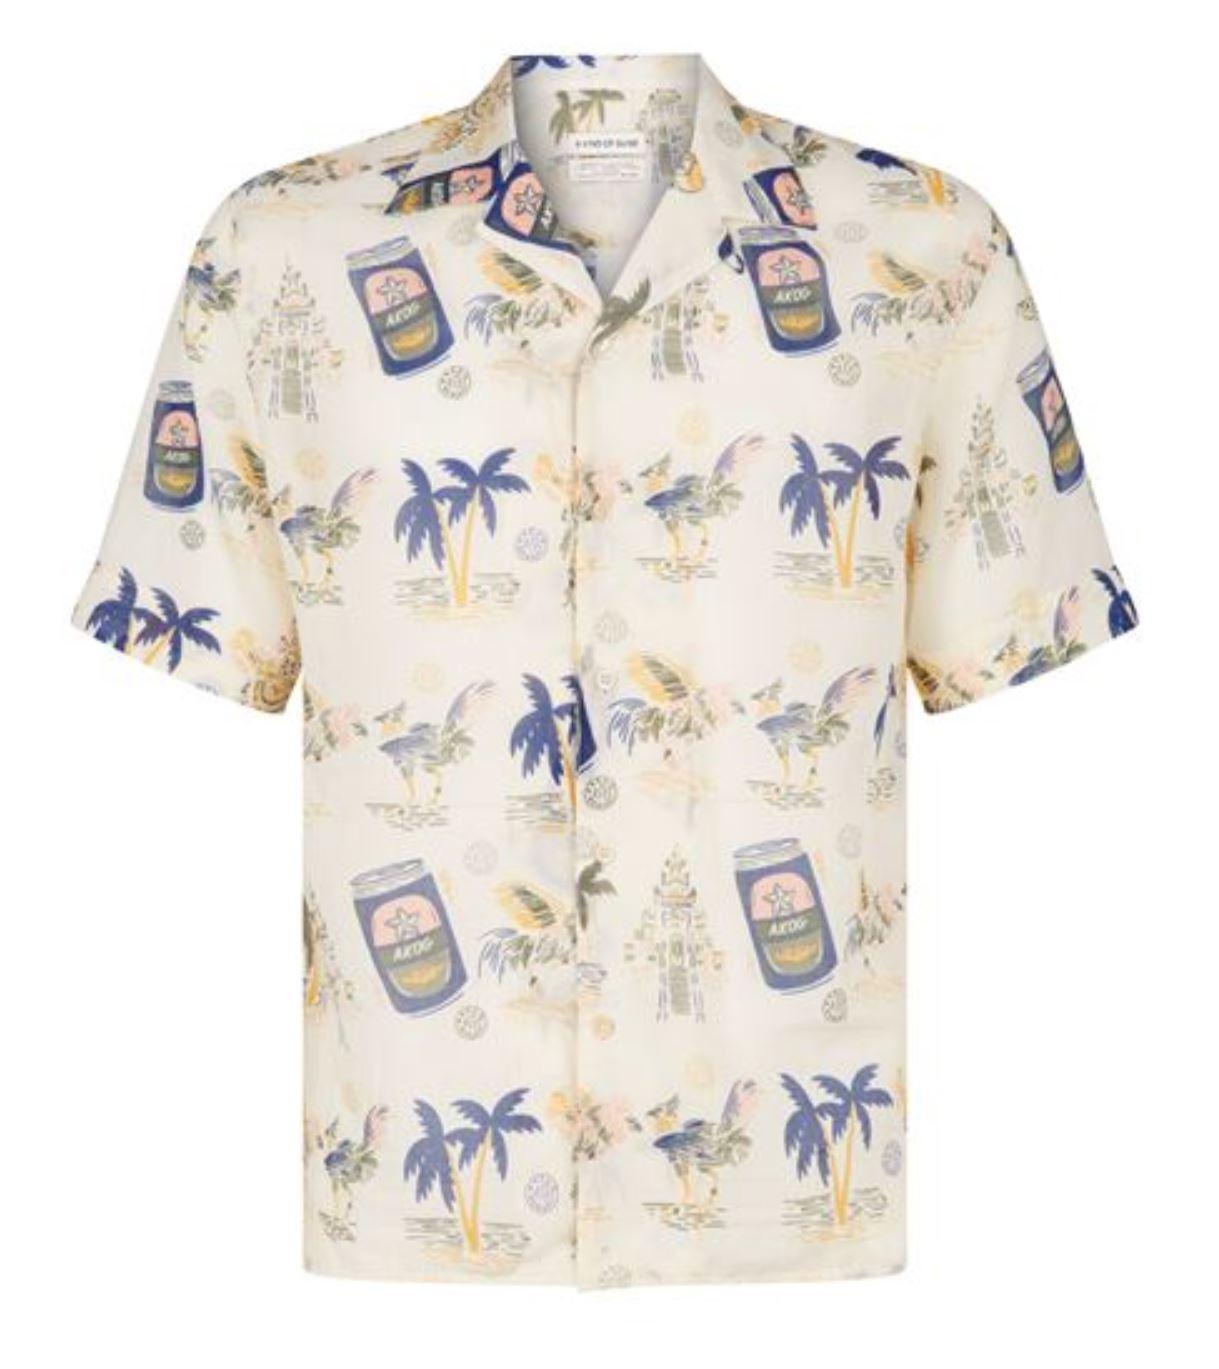 Tropical Print Shirt from harrods.com